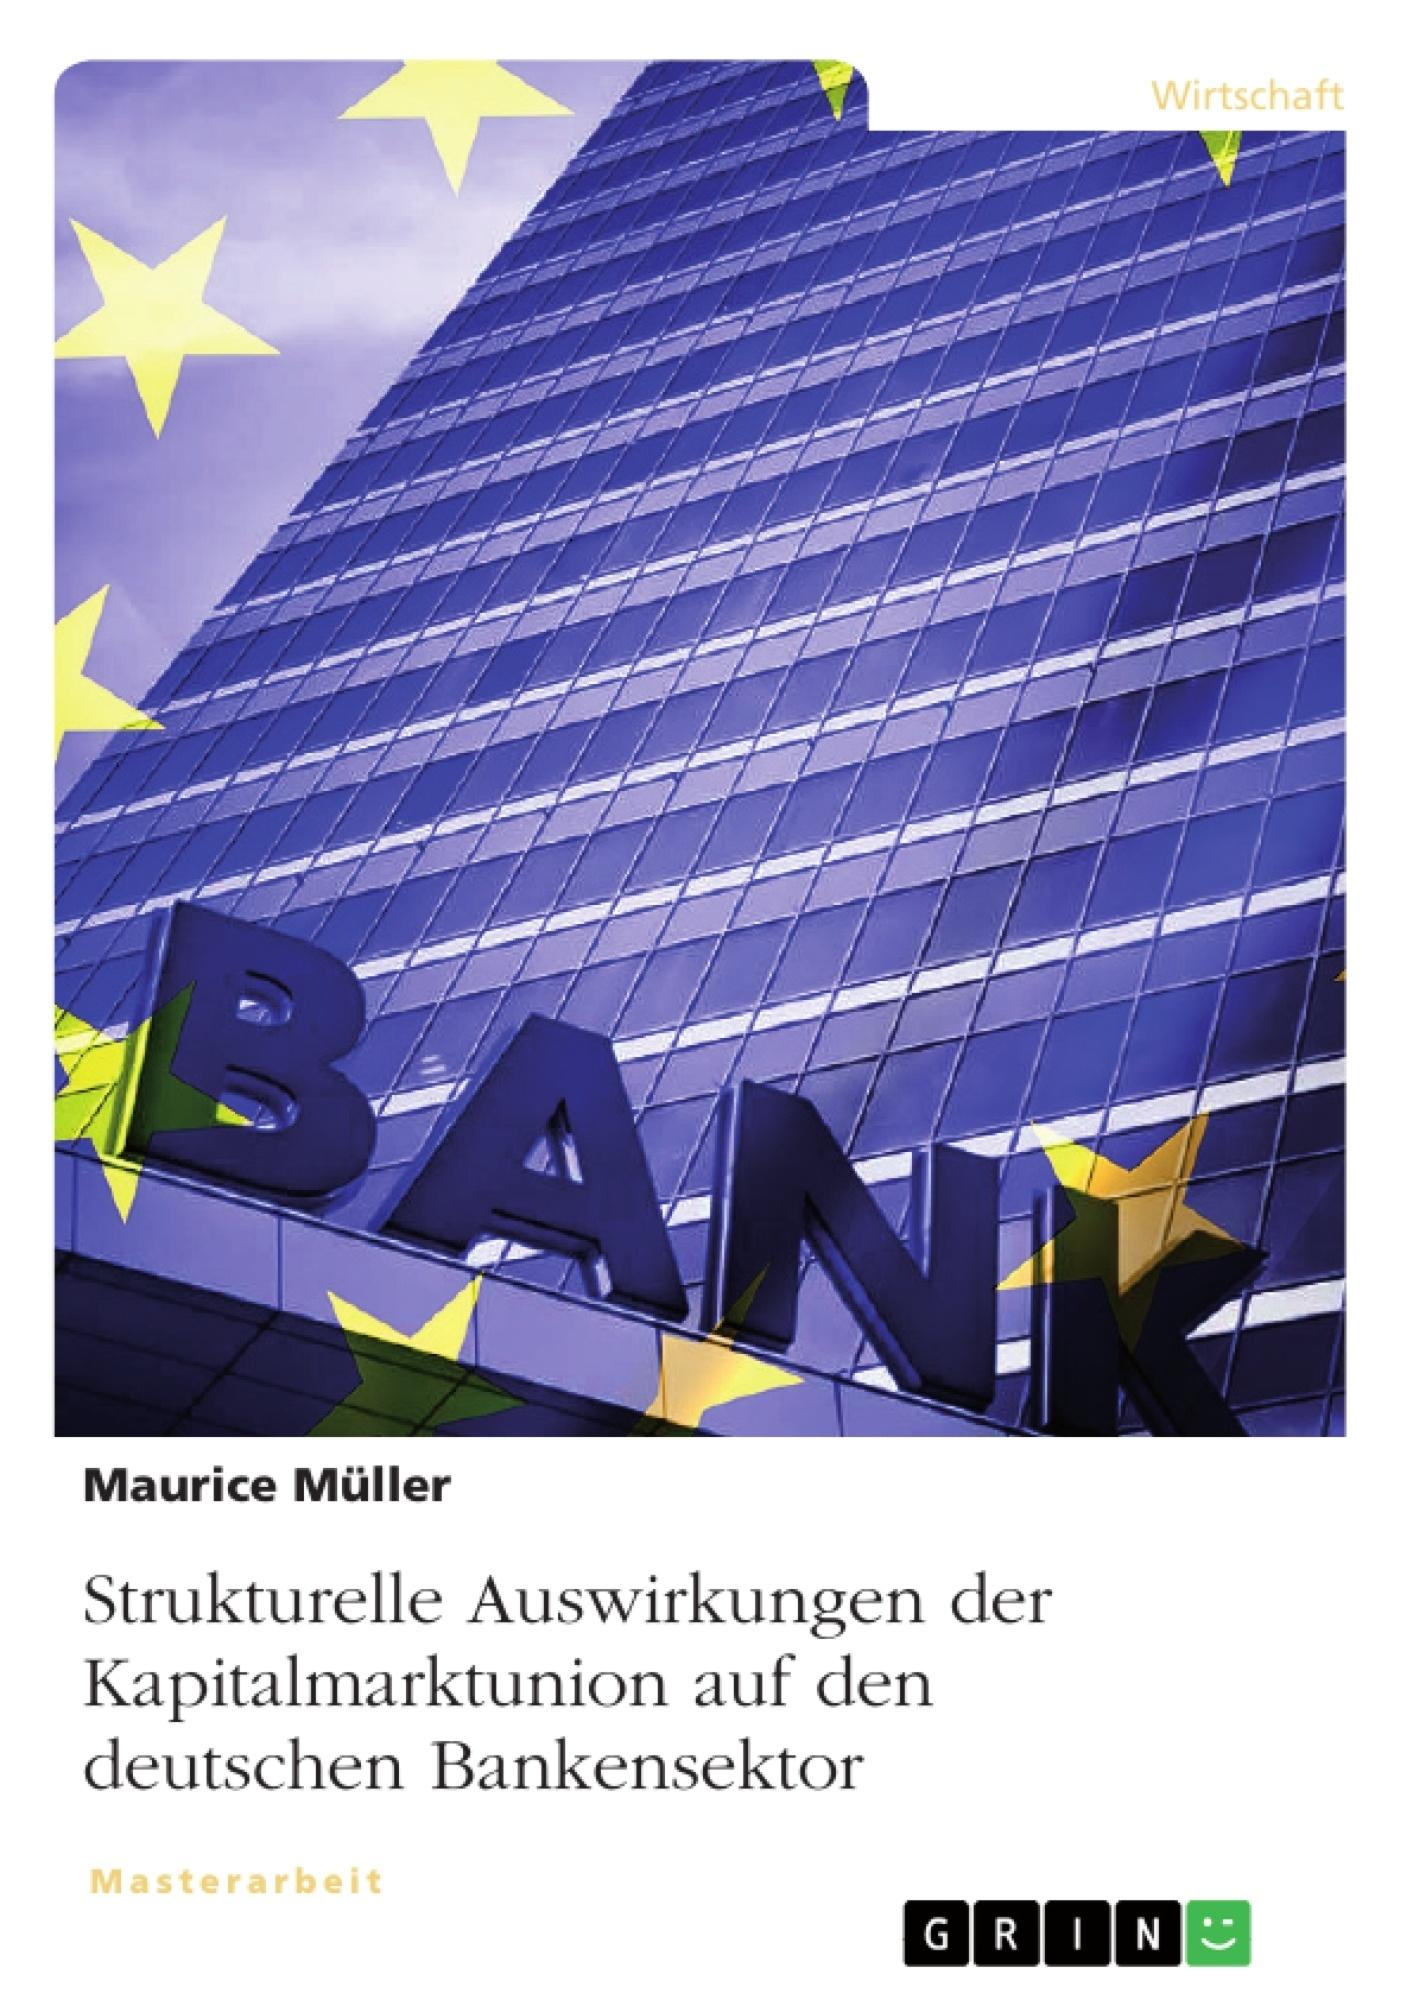 Titel: Strukturelle Auswirkungen der Kapitalmarktunion auf den deutschen Bankensektor